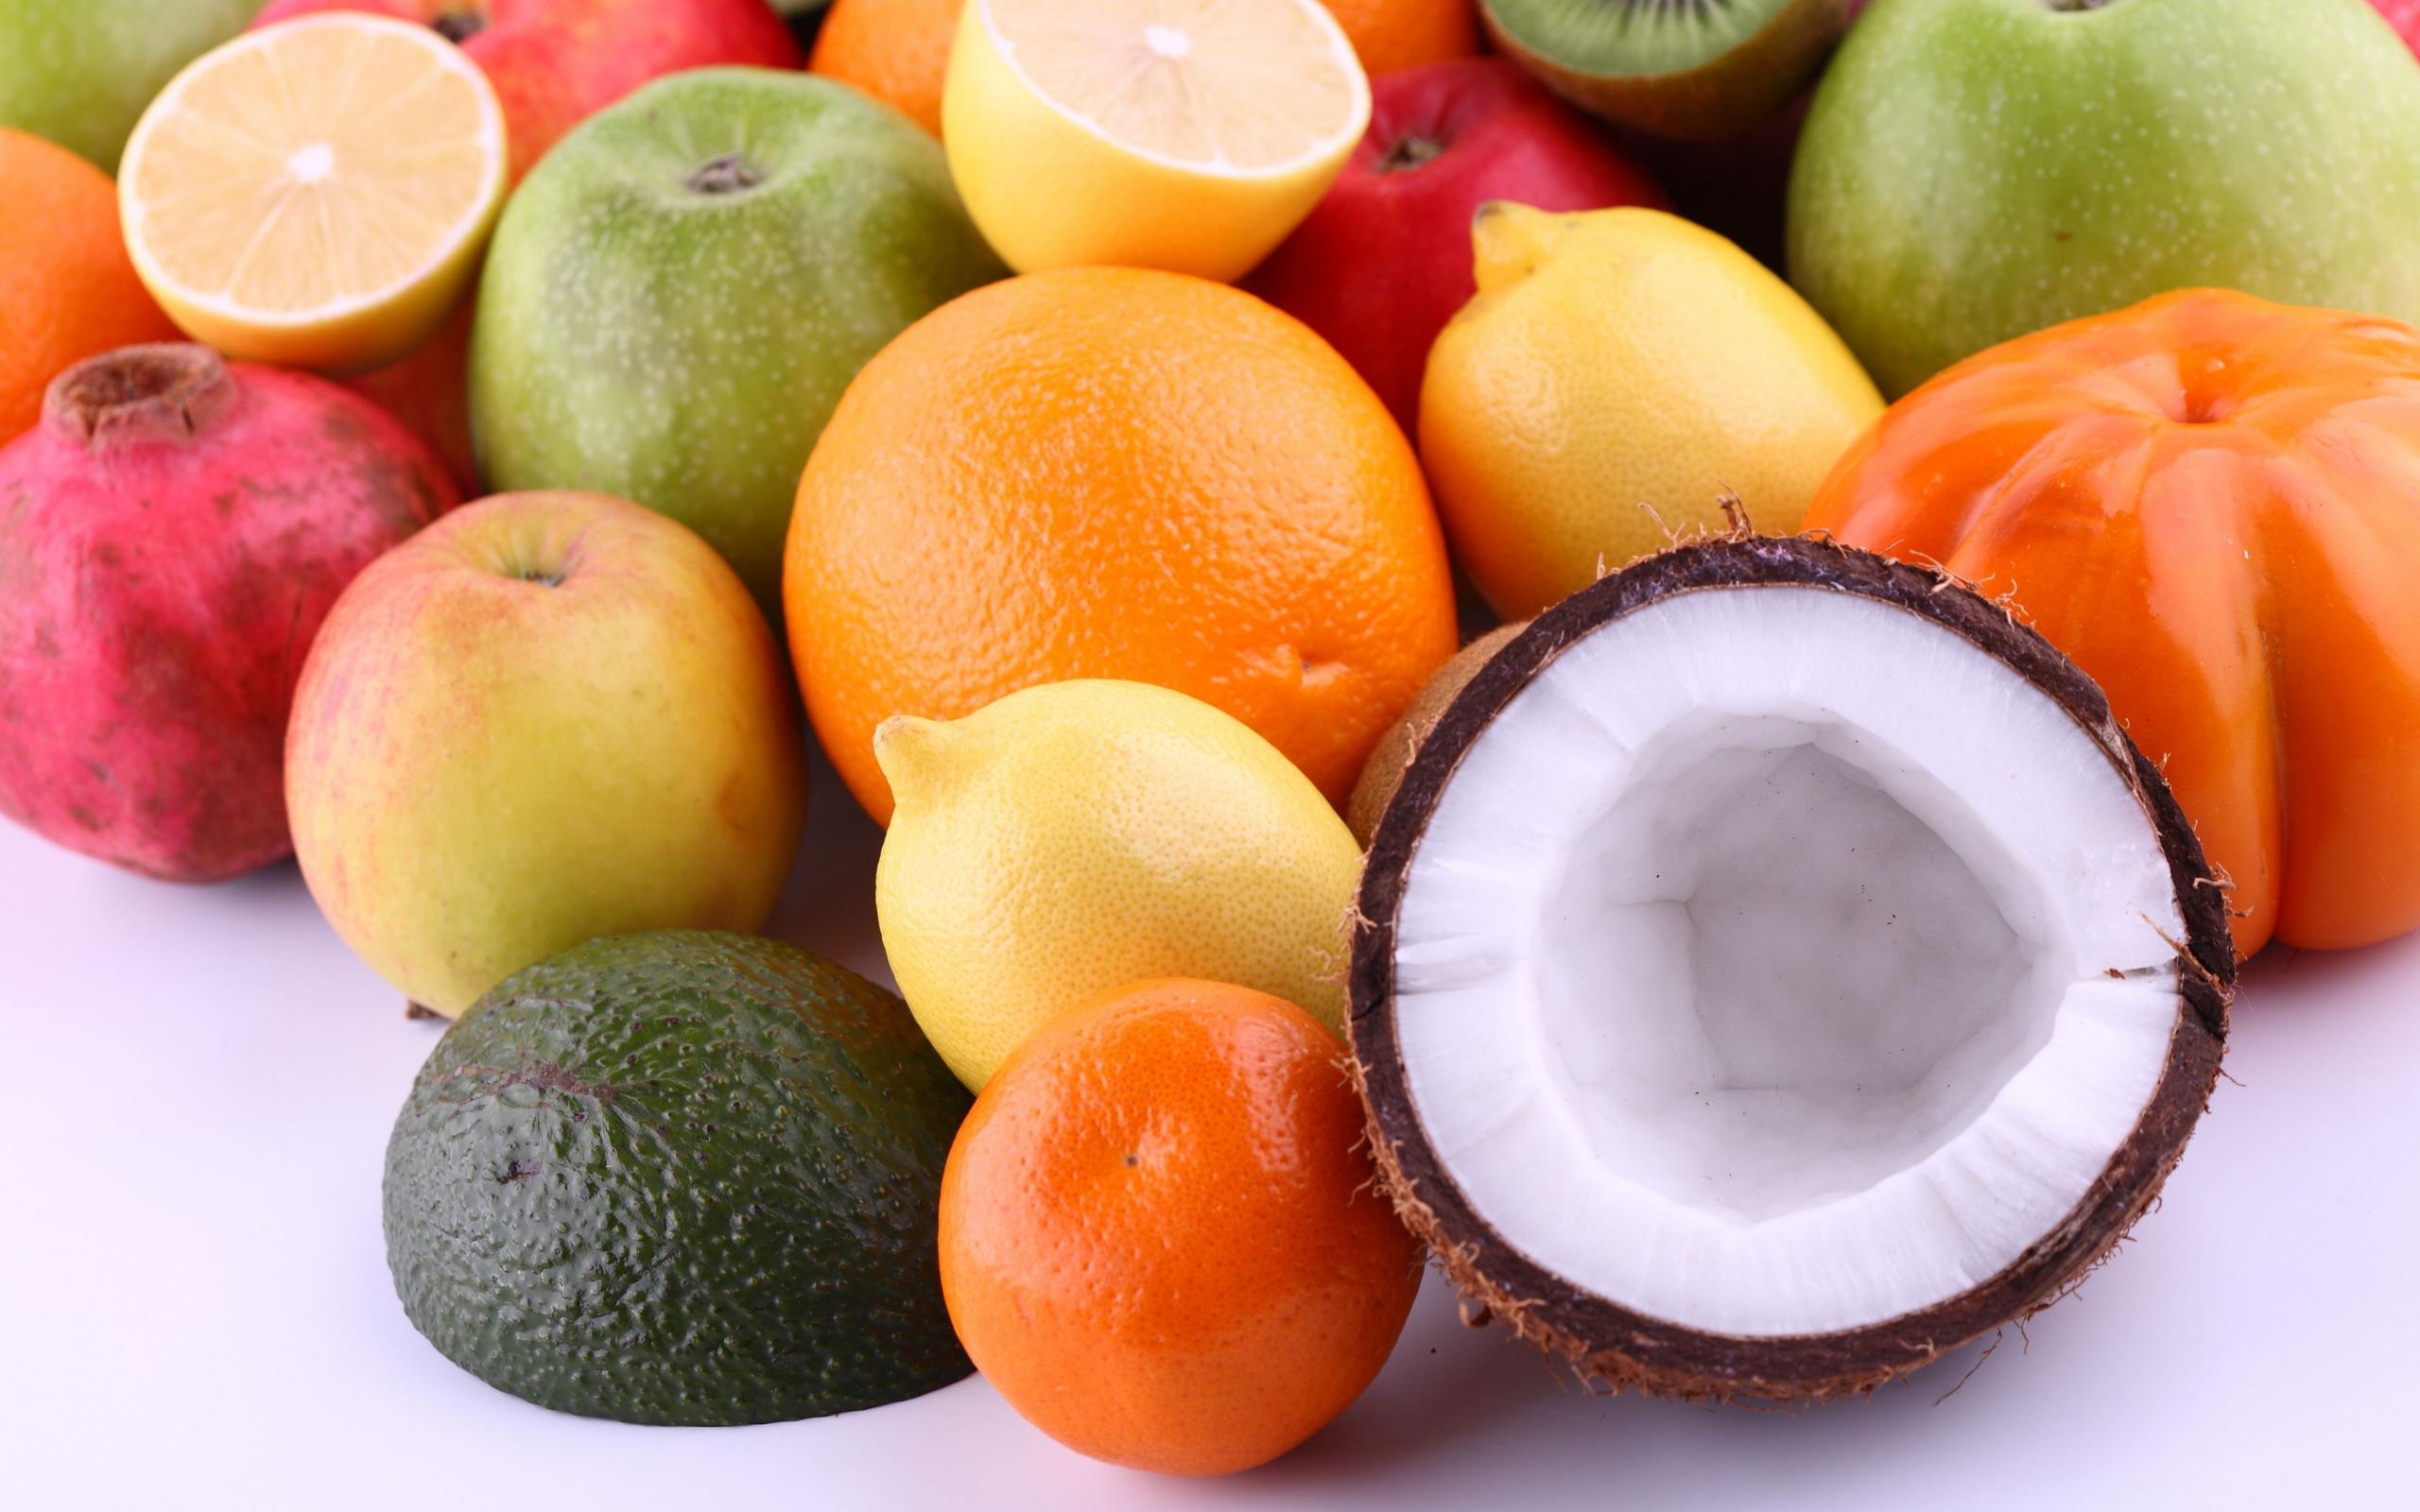 похожие картинки фрукты